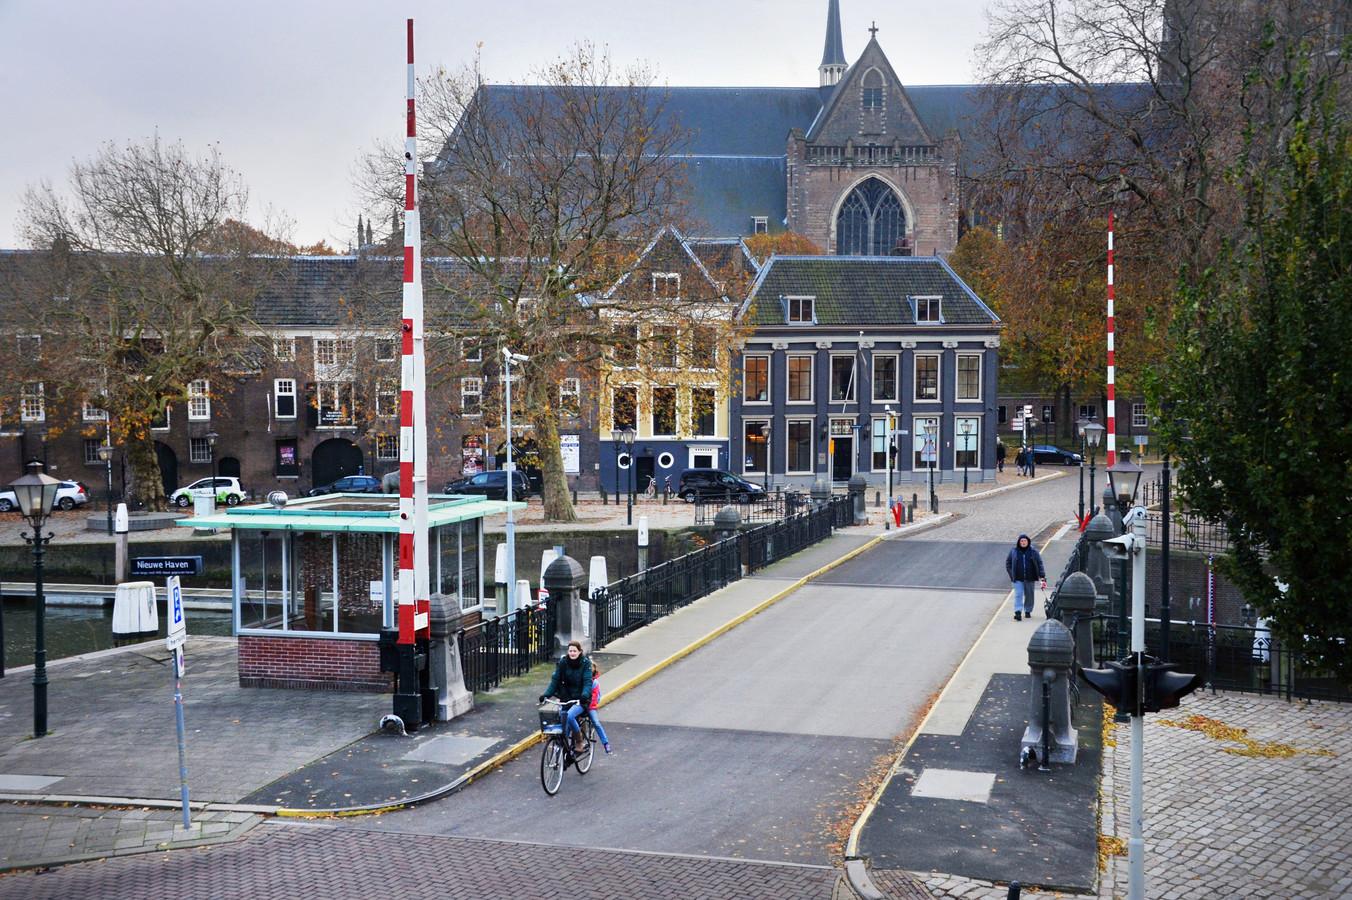 De Engelenburgerbrug in Dordrecht in november 2019, vlak voor de werkzaamheden begonnen. Aanvankelijk zouden die een jaar duren, maar de klus duurt veel langer.